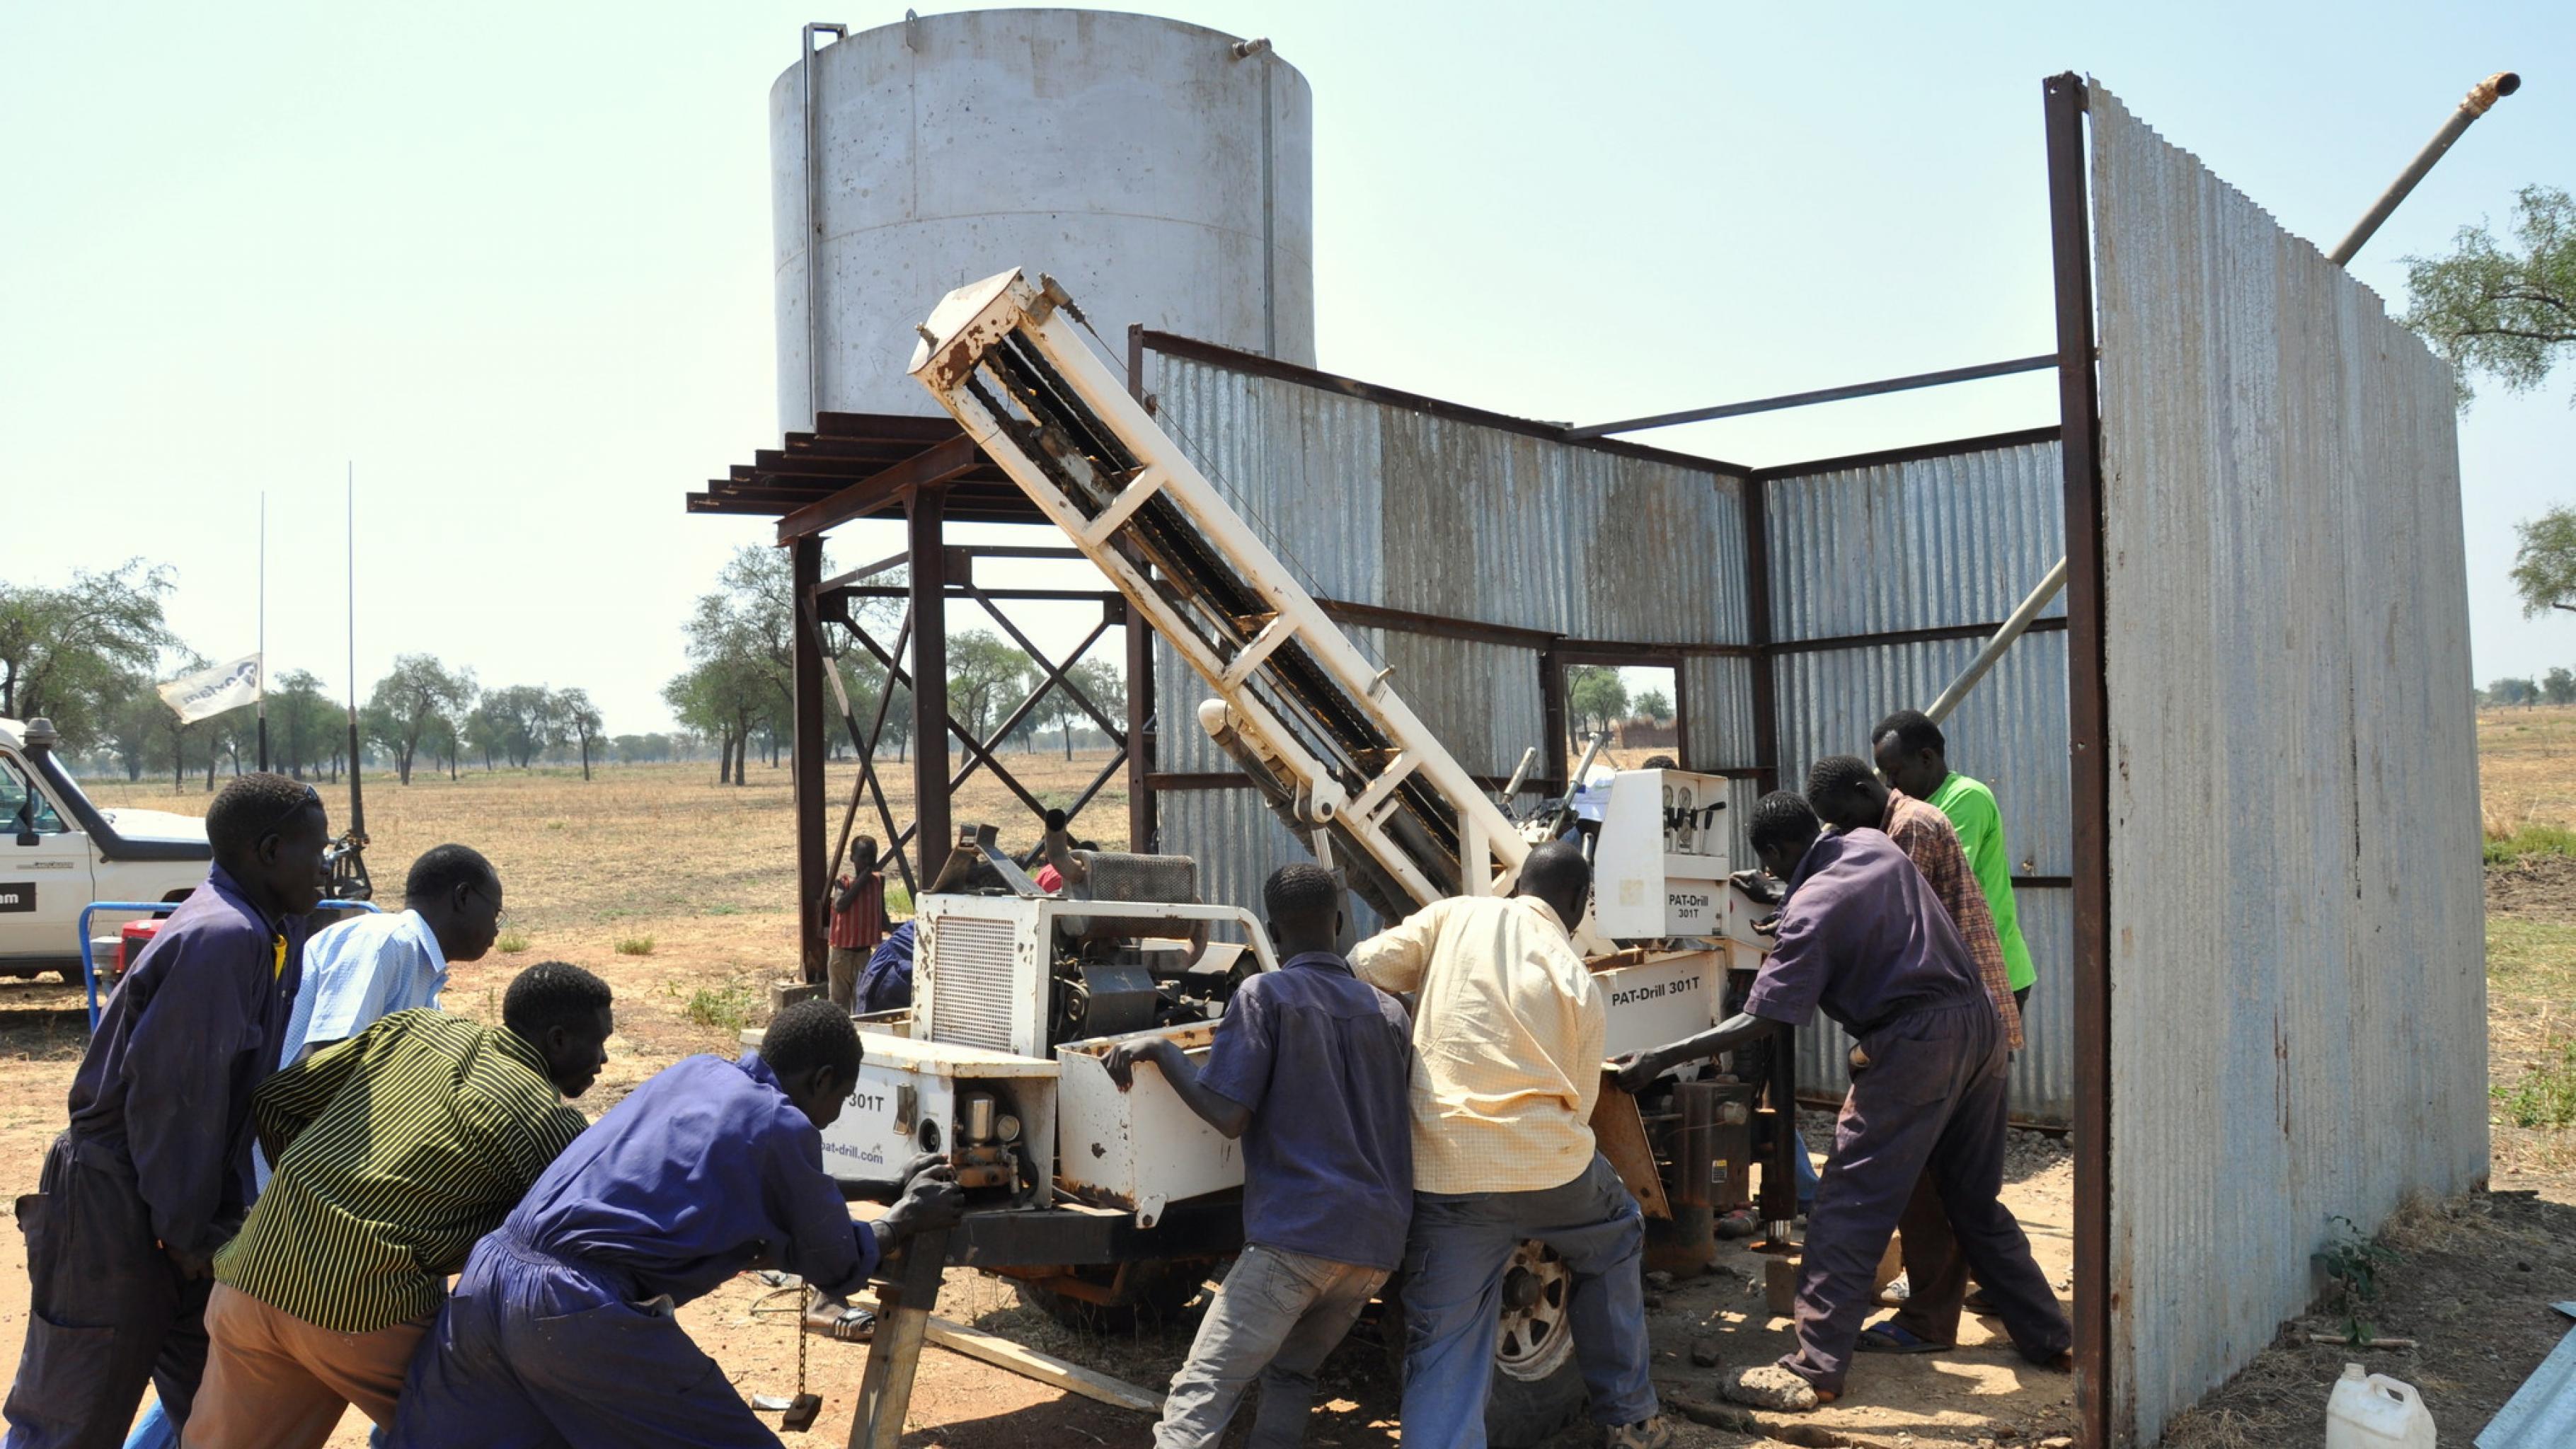 Foto: Arbeiter beim Instandsetzen eines Bohrlochs für sauberes Wasser.